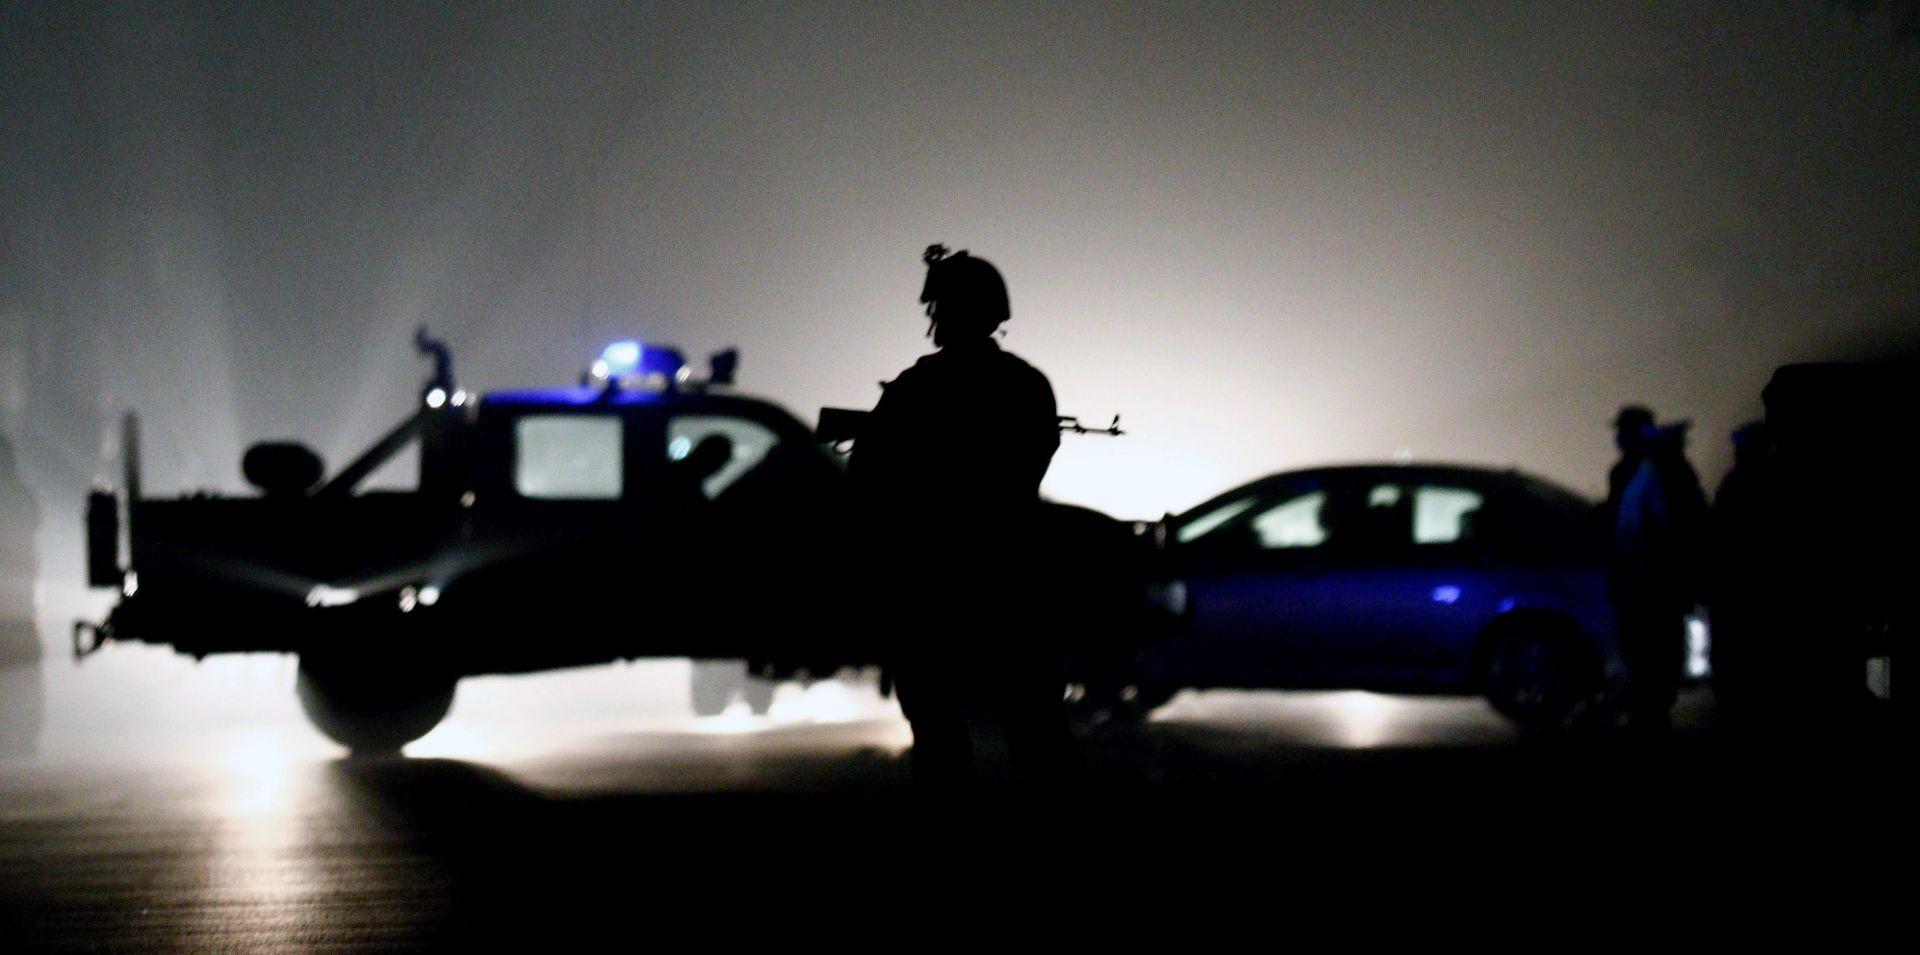 EKPLODIRALA AUTOBOMBA KOD RUSKE AMBASADE U Kabulu najmanje jedna osoba poginula, još 20 ranjeno